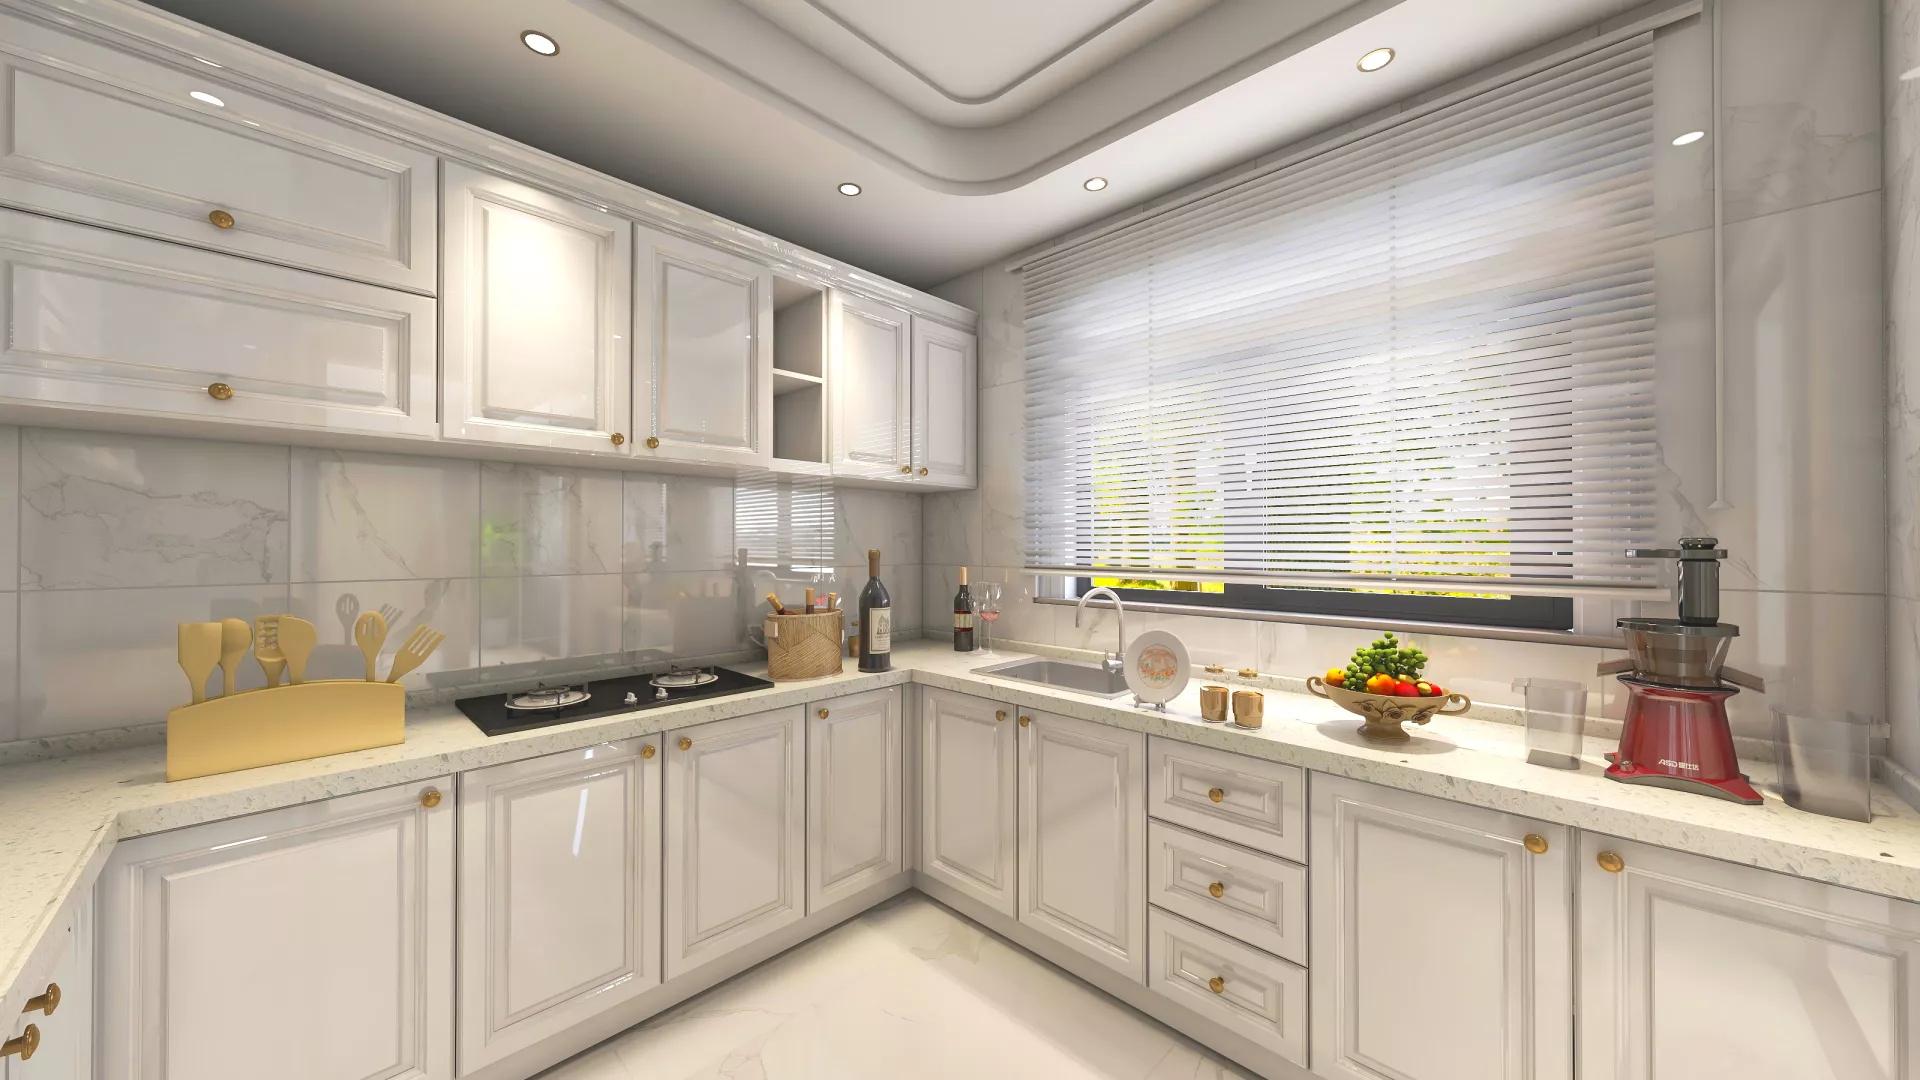 室内窗?#32972;?#30701;尺寸要怎么选?家居窗?#32972;?#30701;标准是多少?